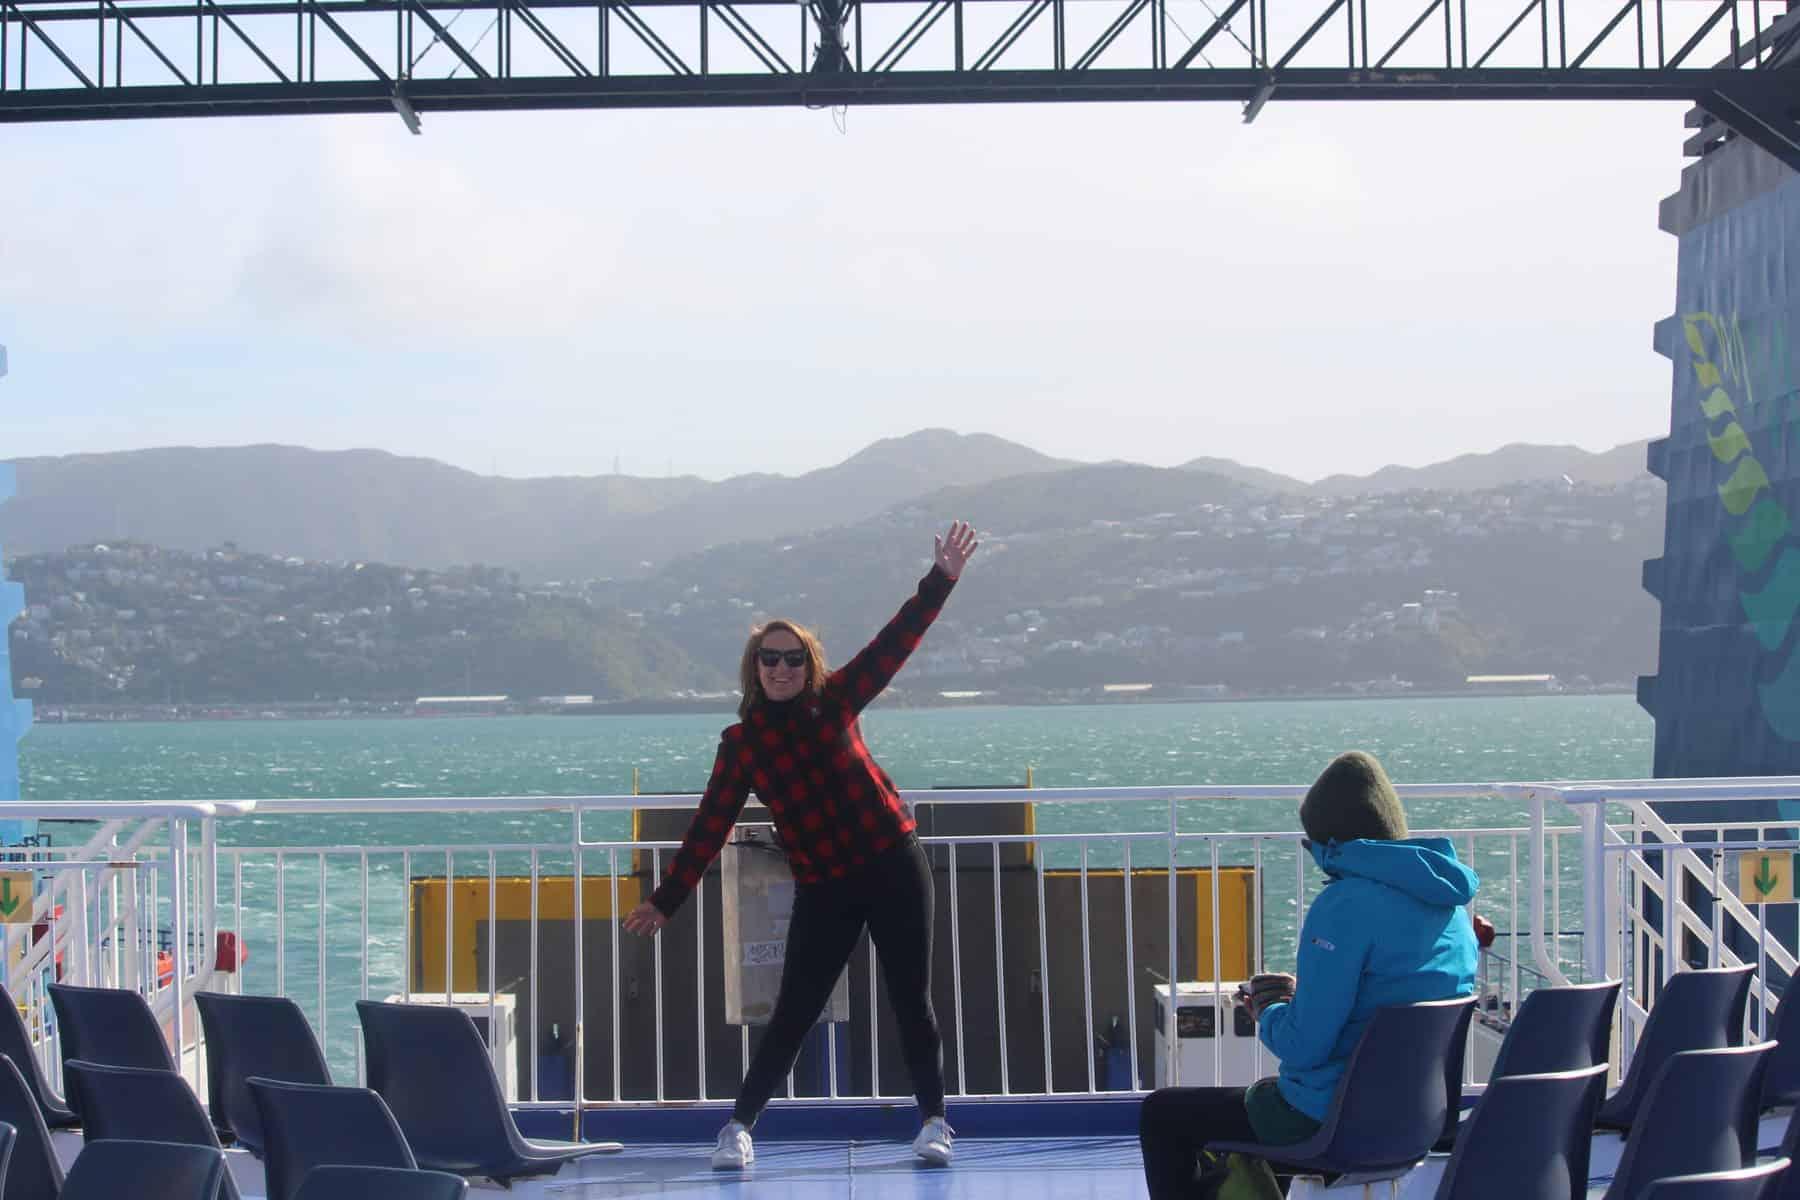 Brodie on The Interislander in Wellington